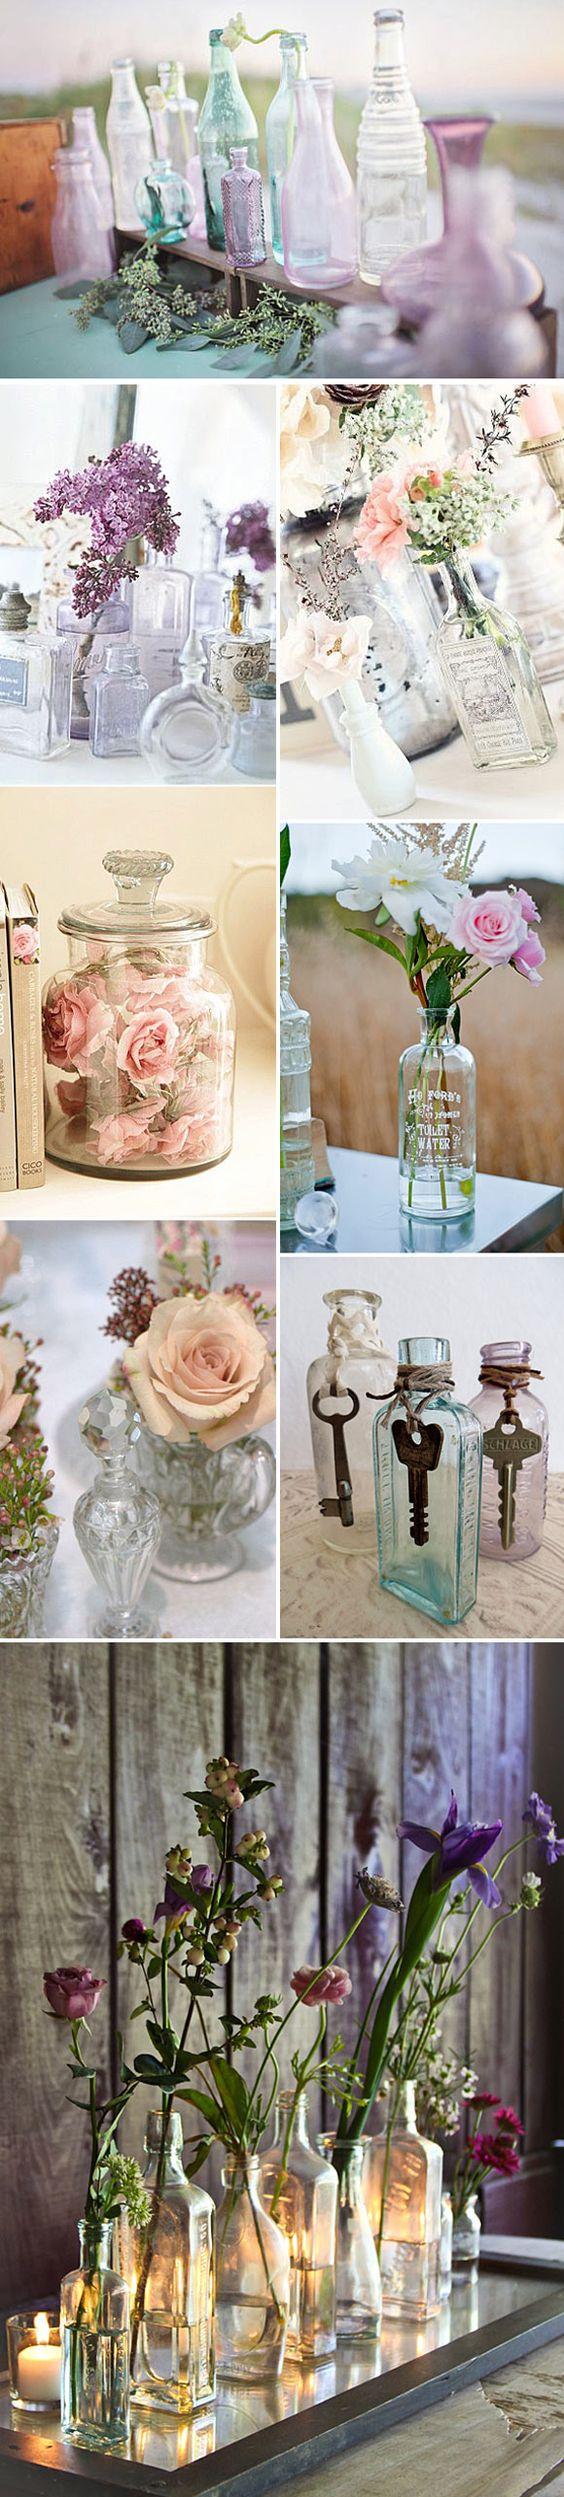 Ideas para decorar con botellas de cristal estilo vintage: